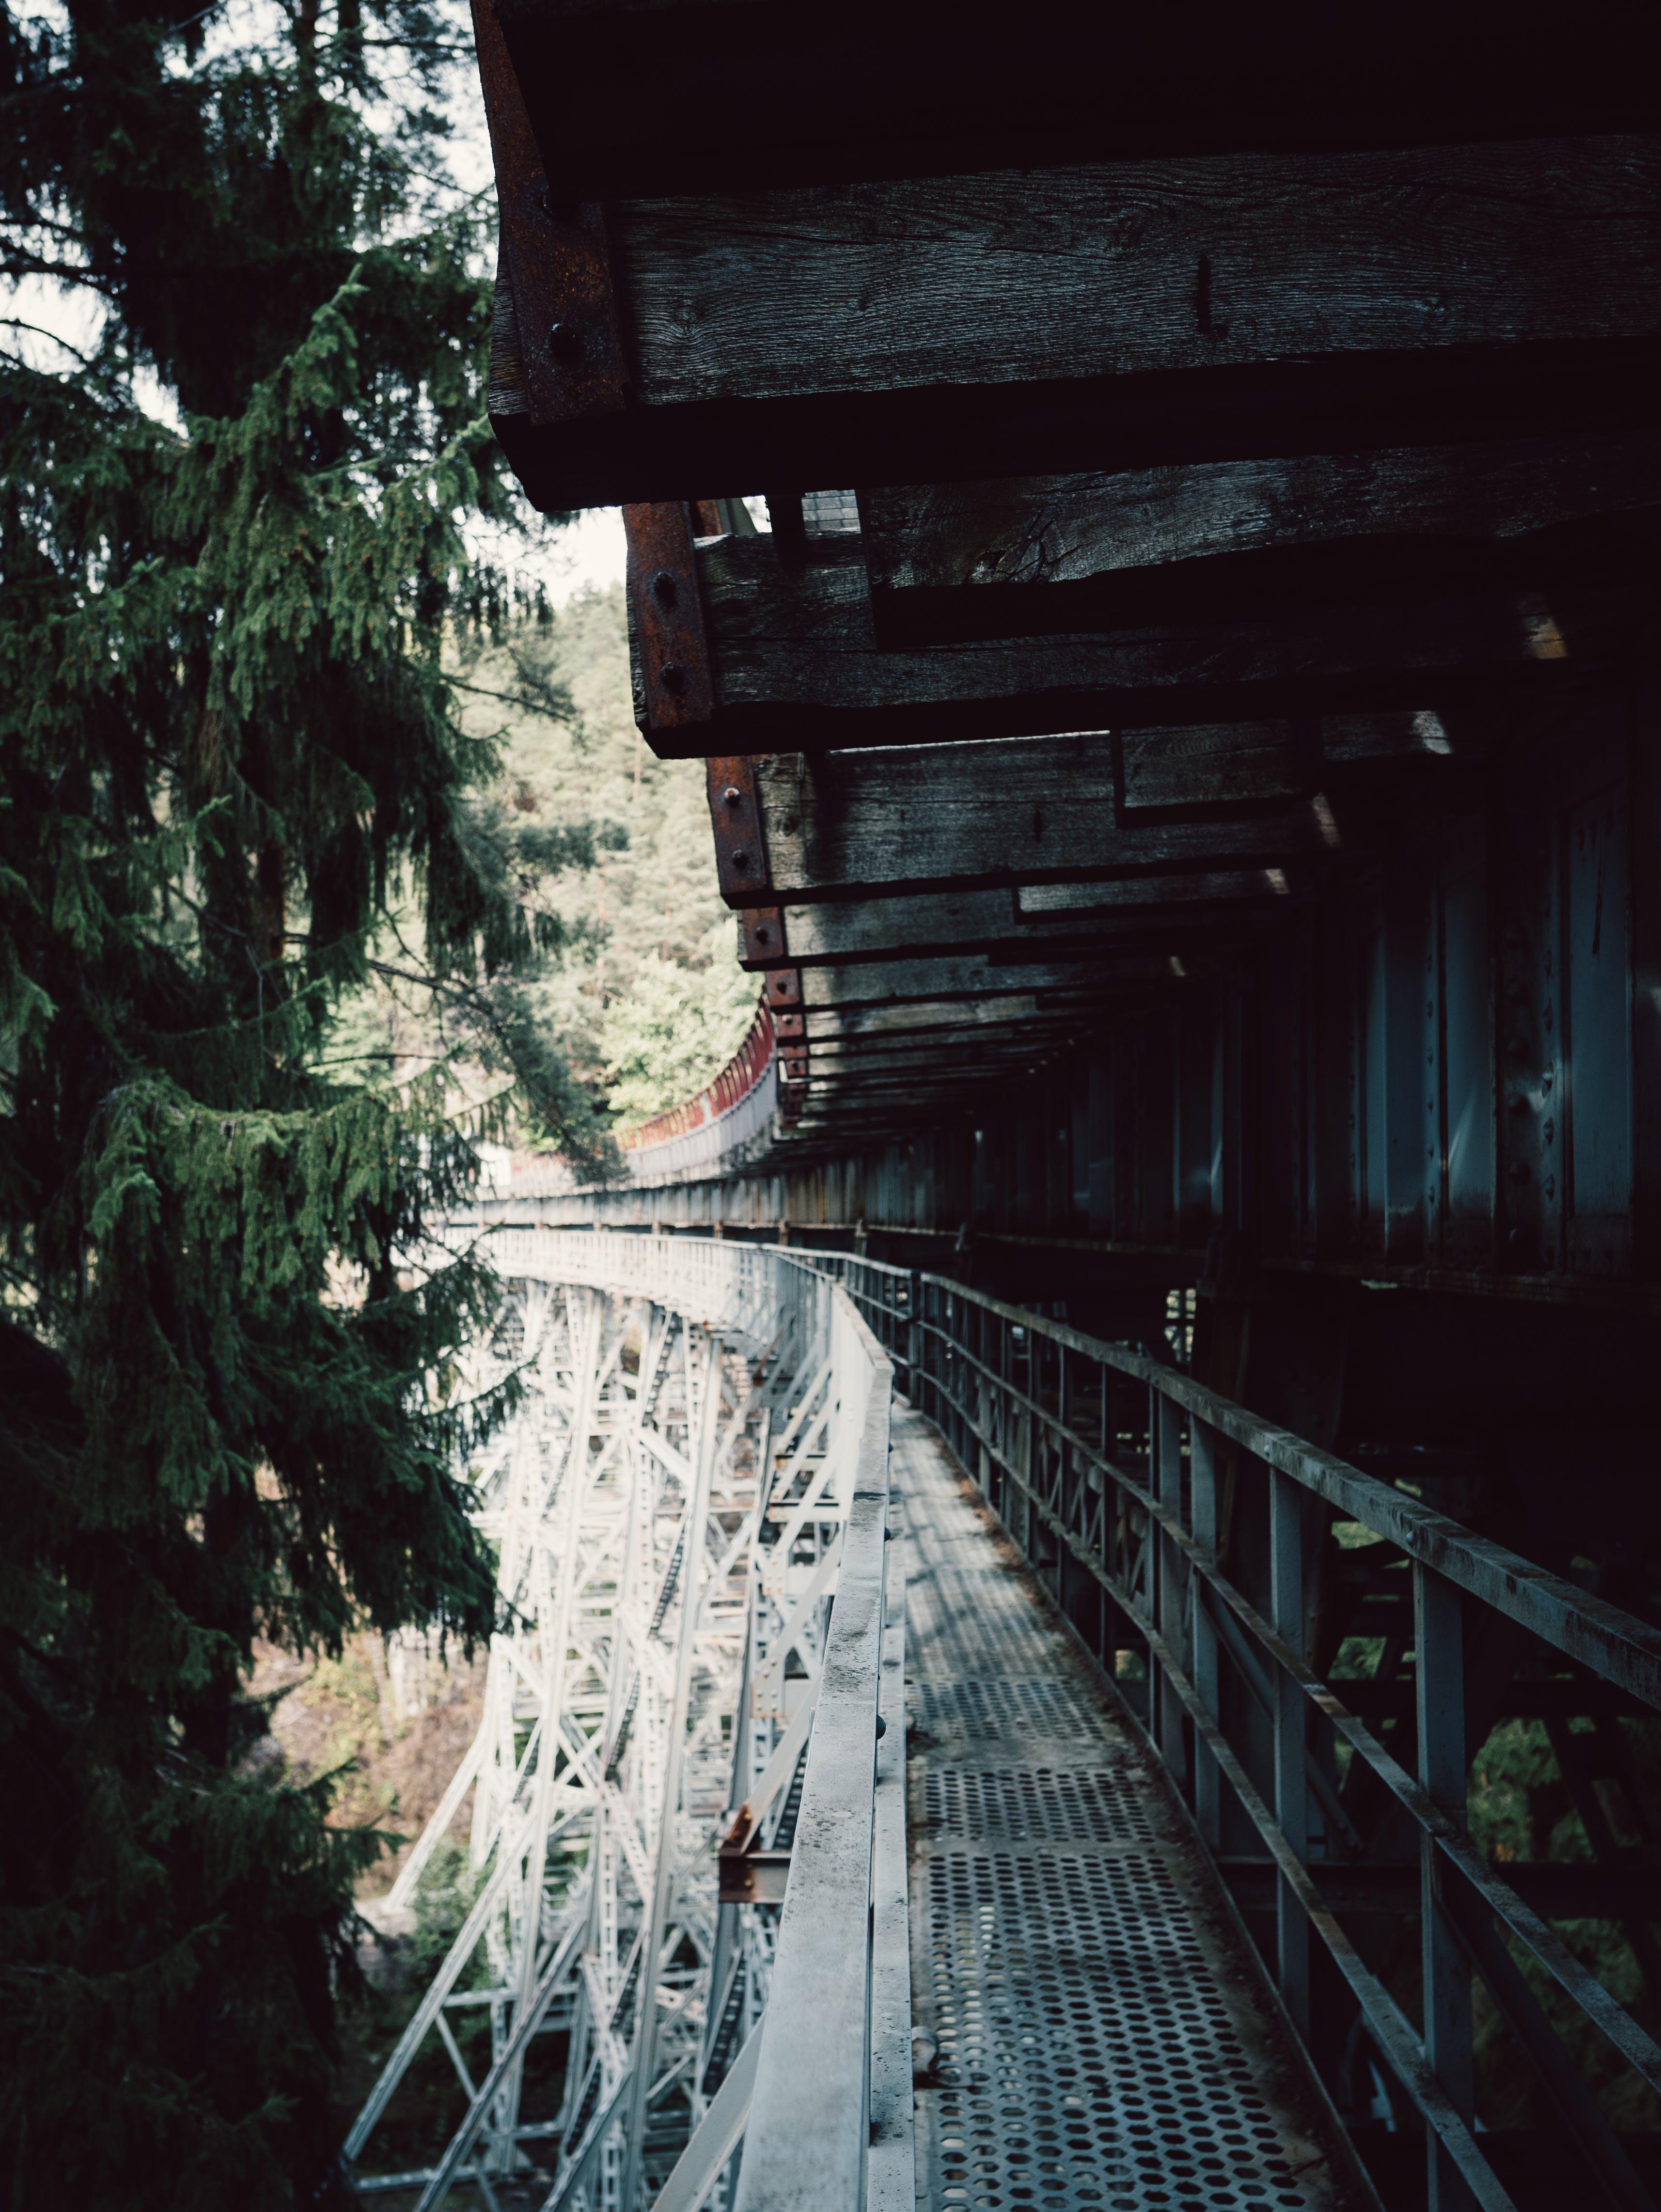 Close-up Photography of Metal Bridge